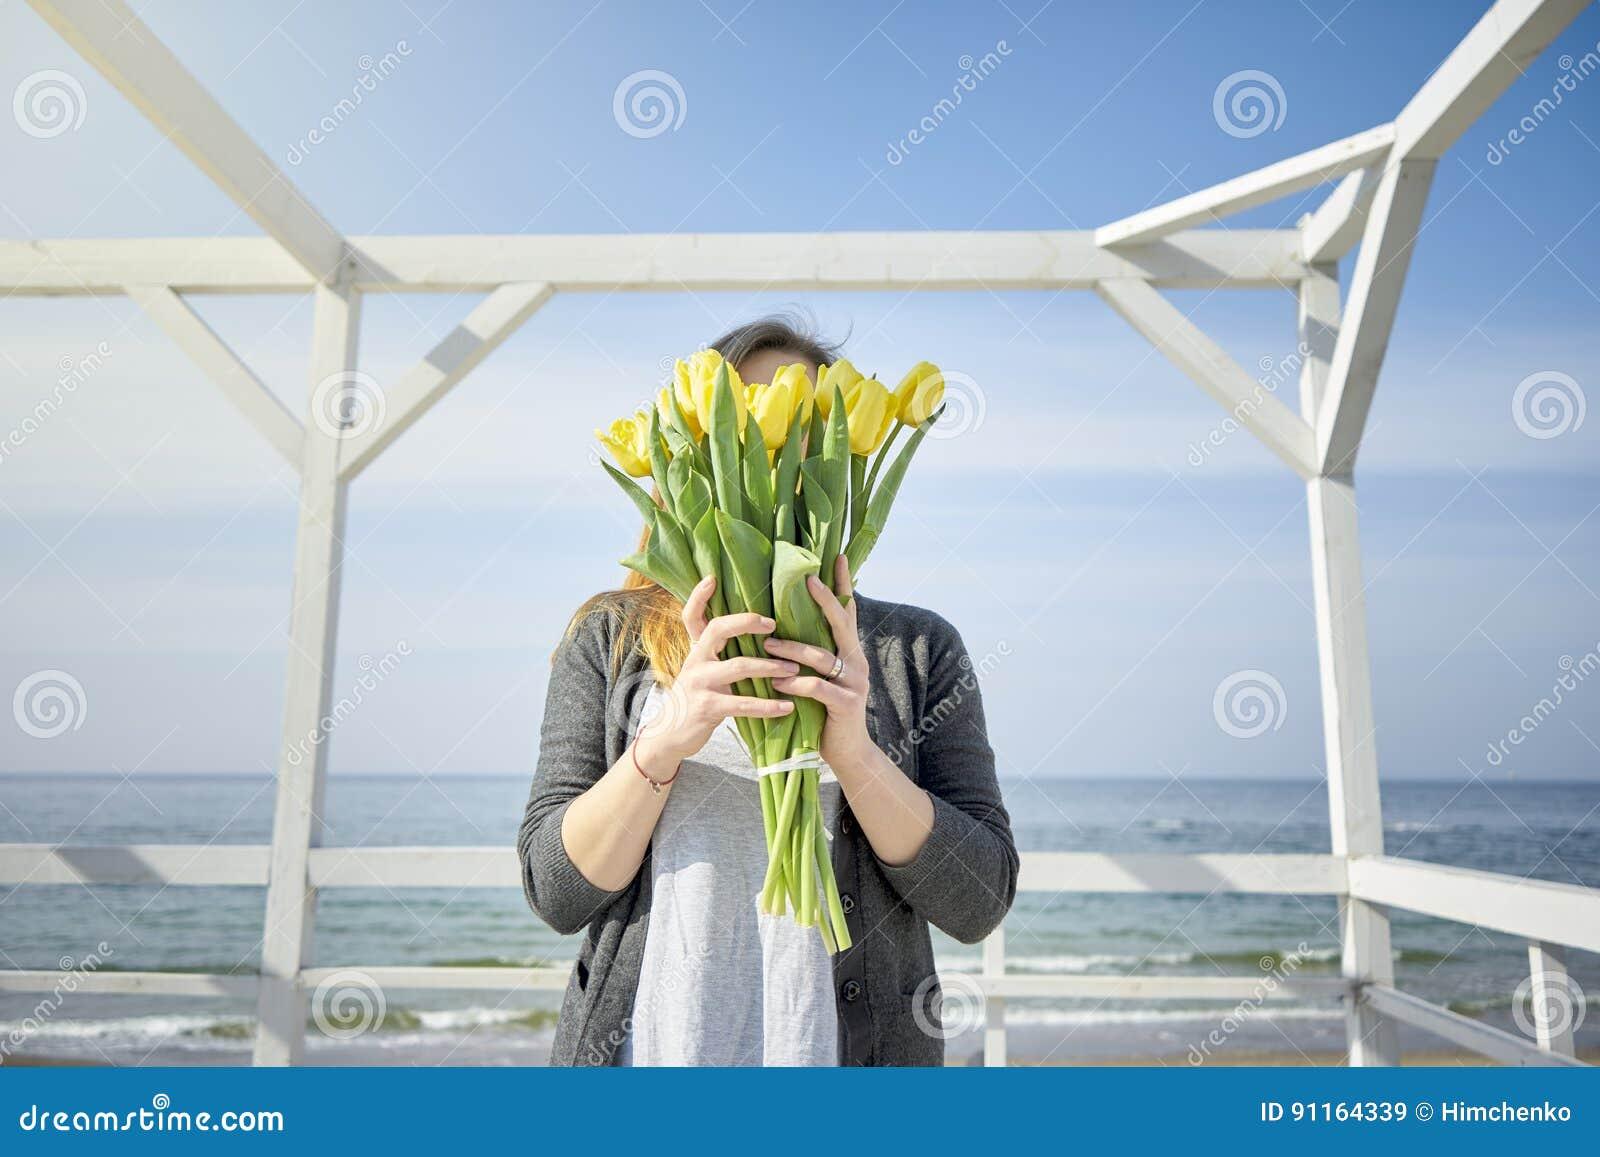 Το κορίτσι καλύπτει το πρόσωπό της με τις κίτρινες τουλίπες